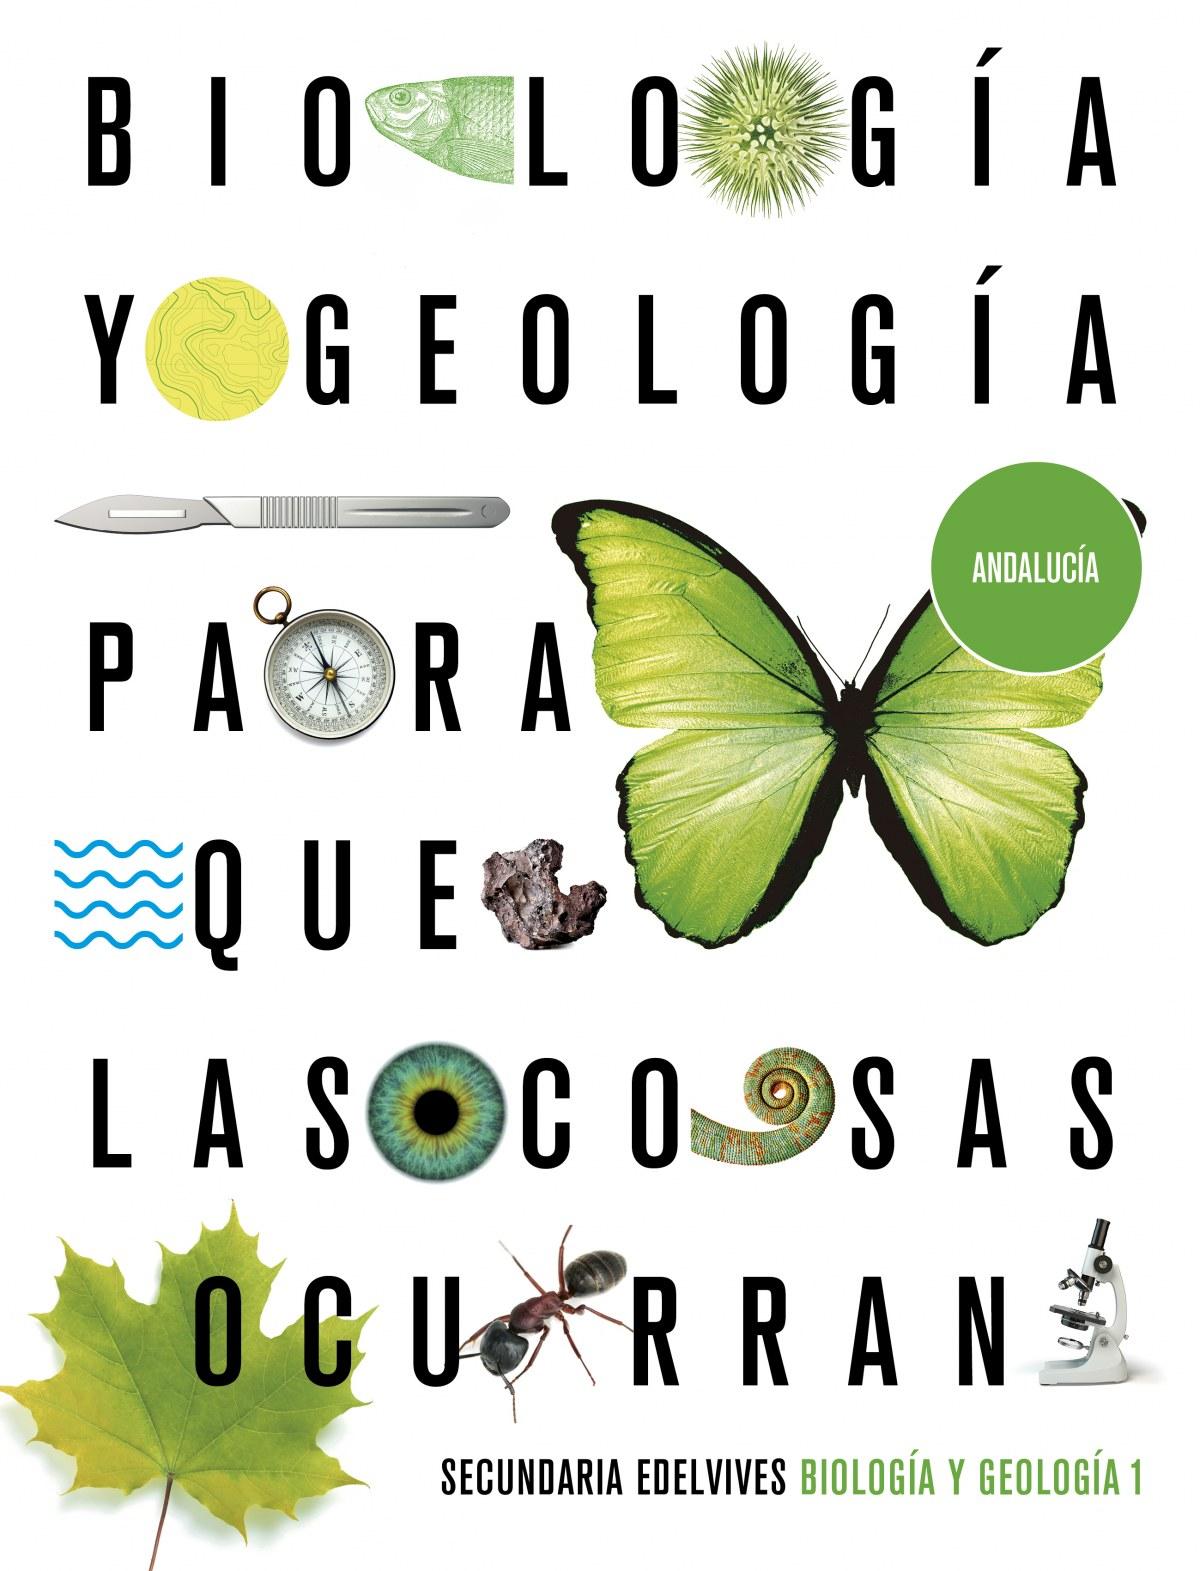 Proyecto: Para que las cosas ocurran - Biología y Geología 1. Ed. Andalucía